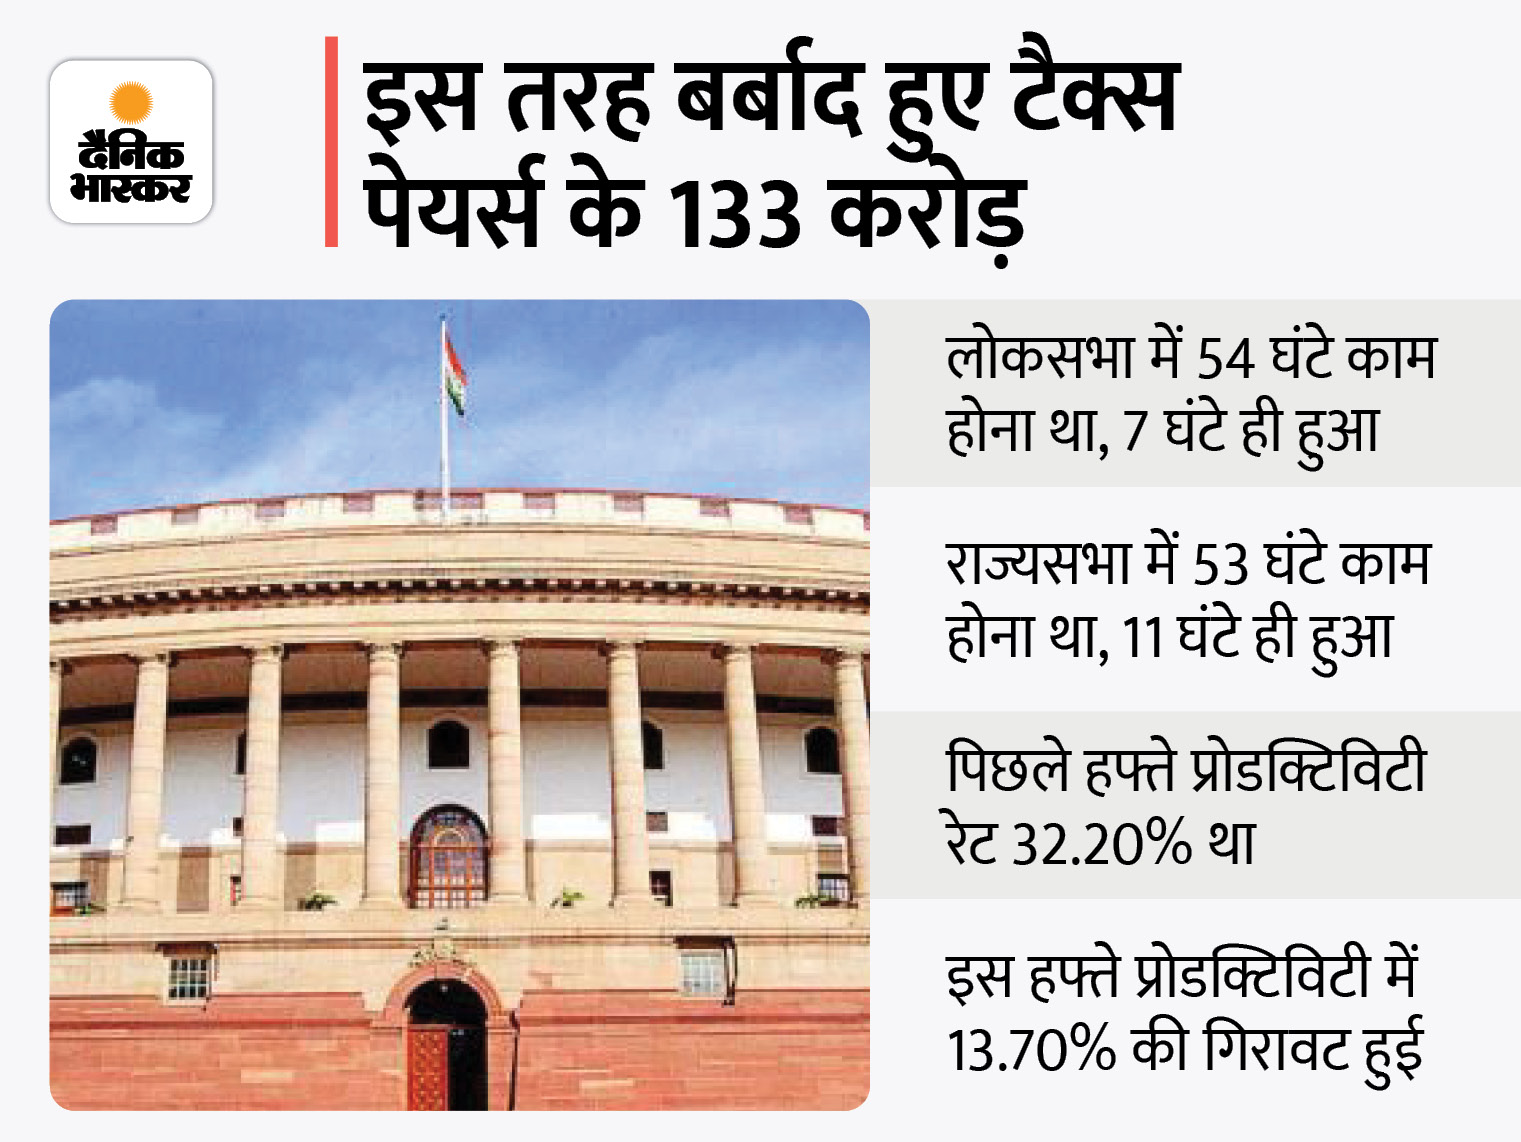 107 घंटे में से सिर्फ 18 घंटे काम हुआ, 133 करोड़ का नुकसान; राज्यसभा 21% तो लोकसभा तय समय से सिर्फ 13% चली|देश,National - Dainik Bhaskar